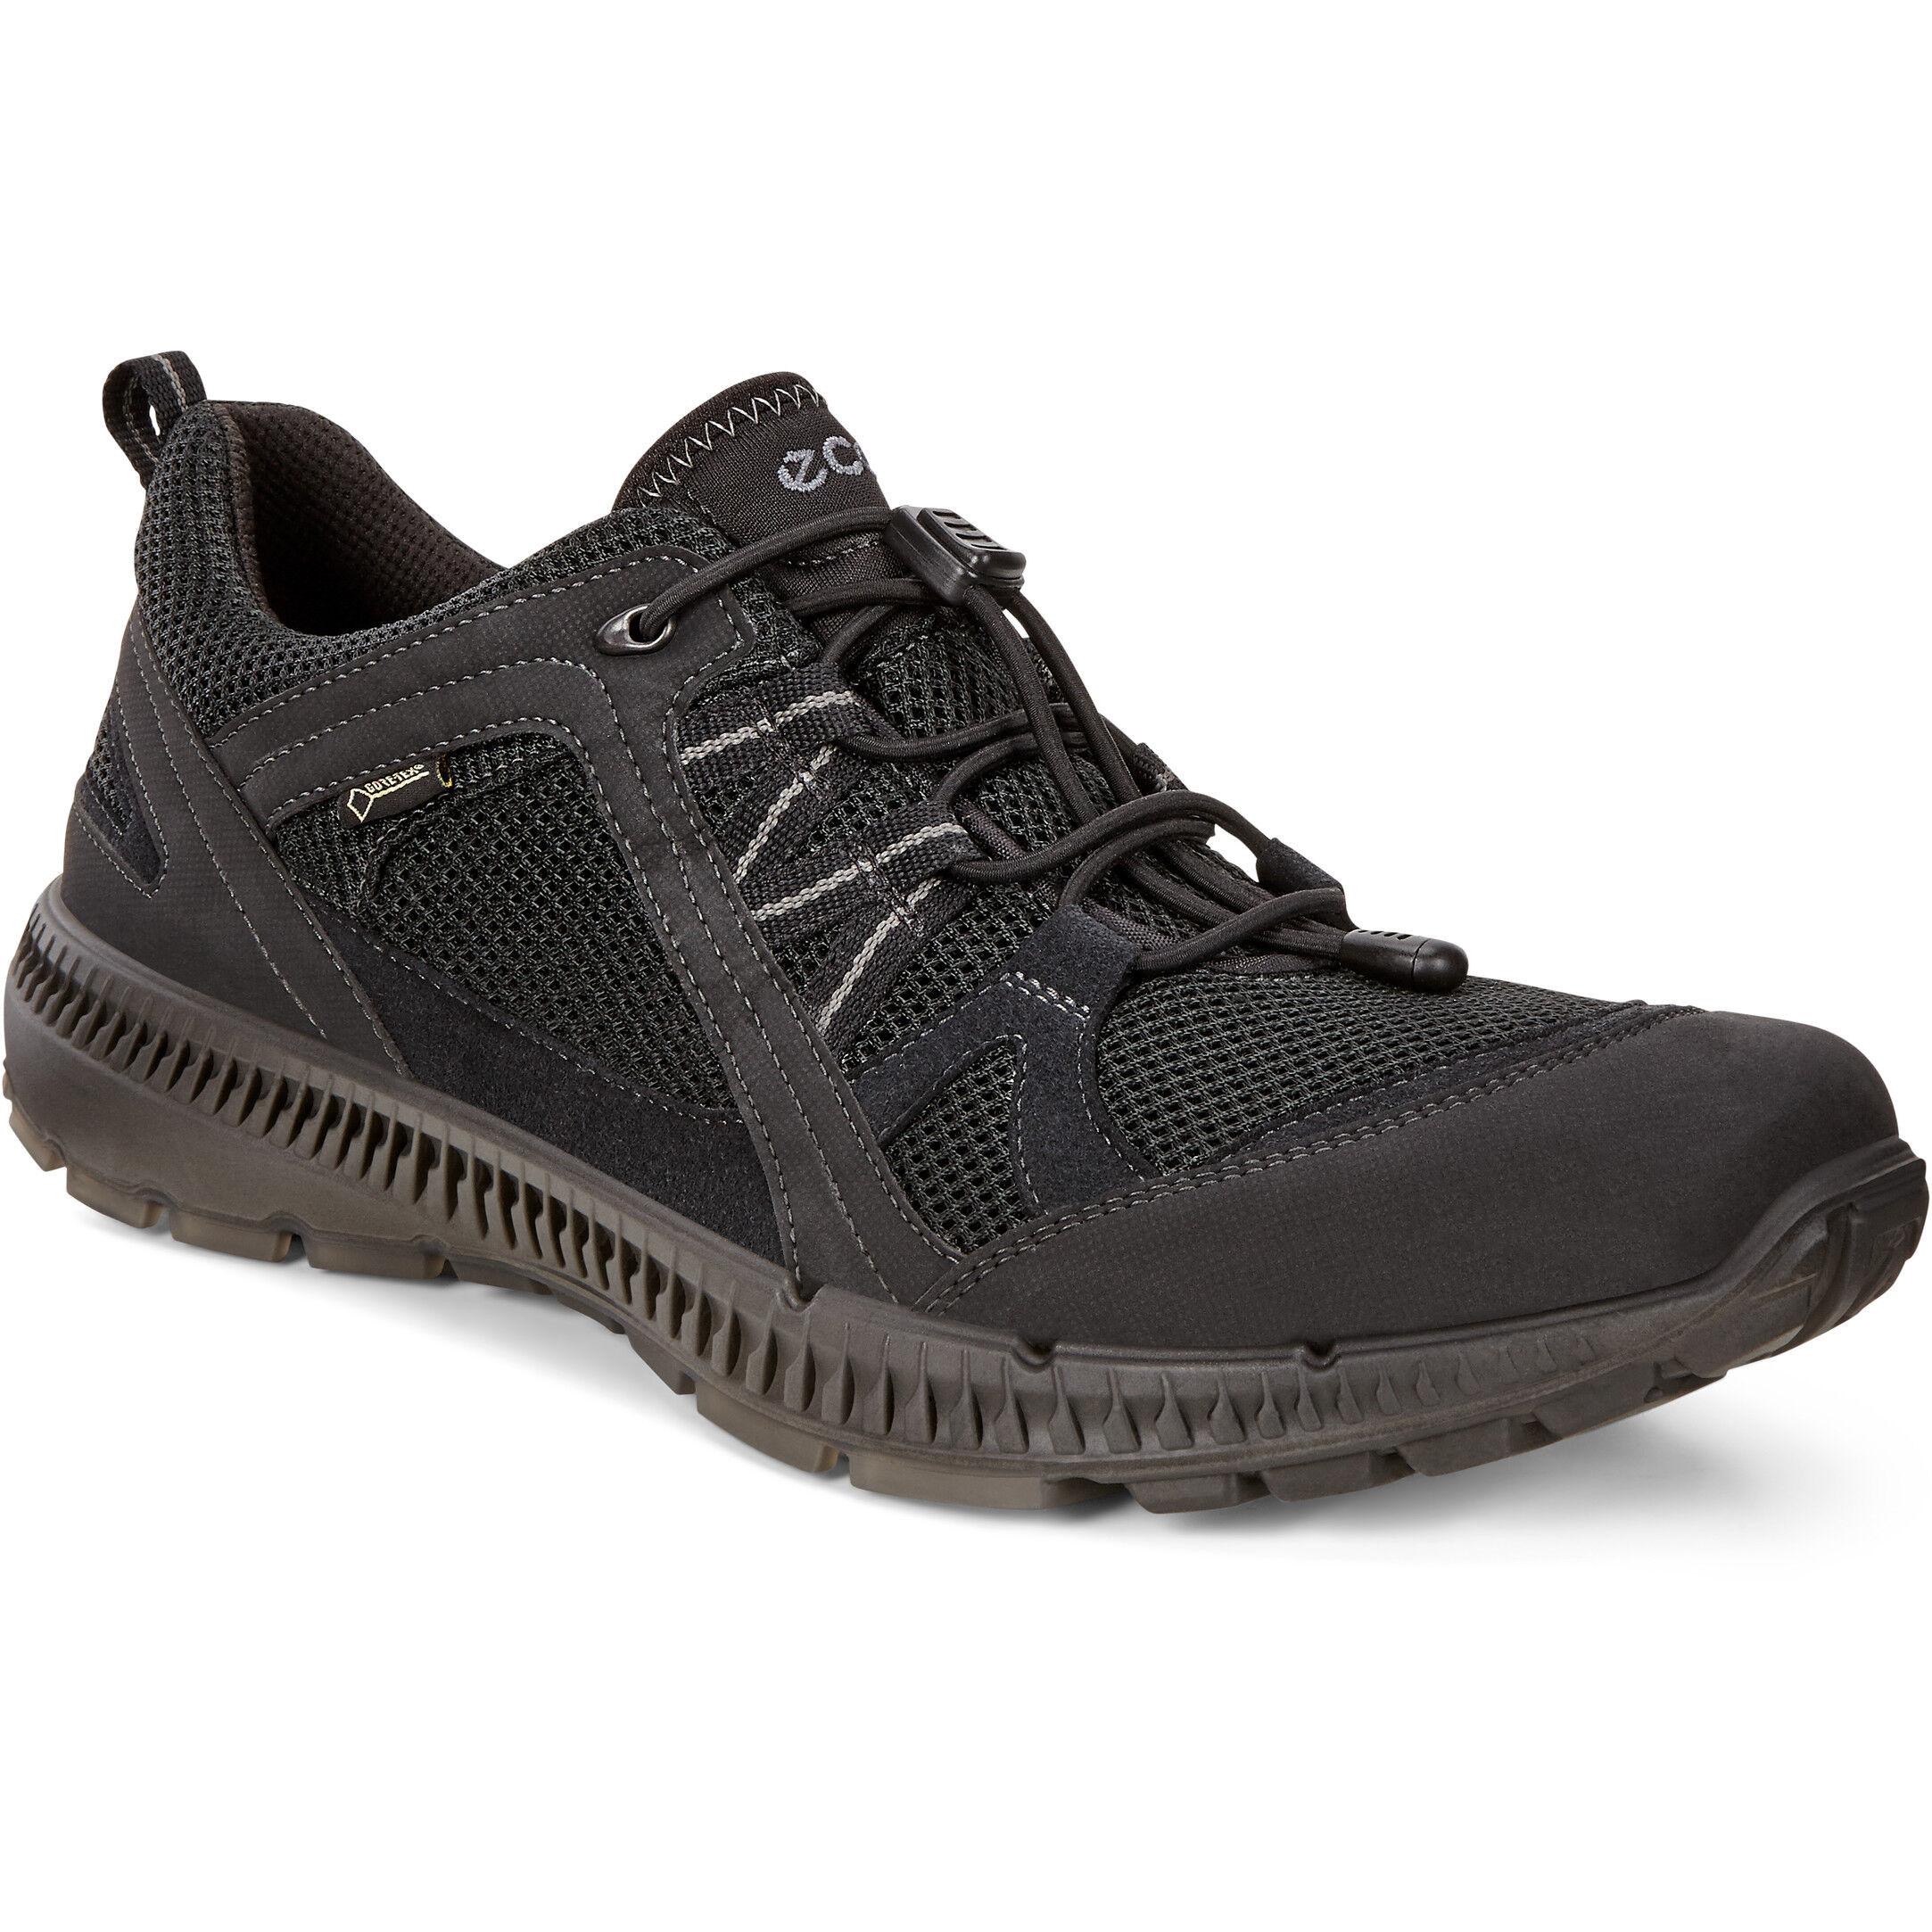 ECCO Terracruise II Schuhe Herren blacktitanium